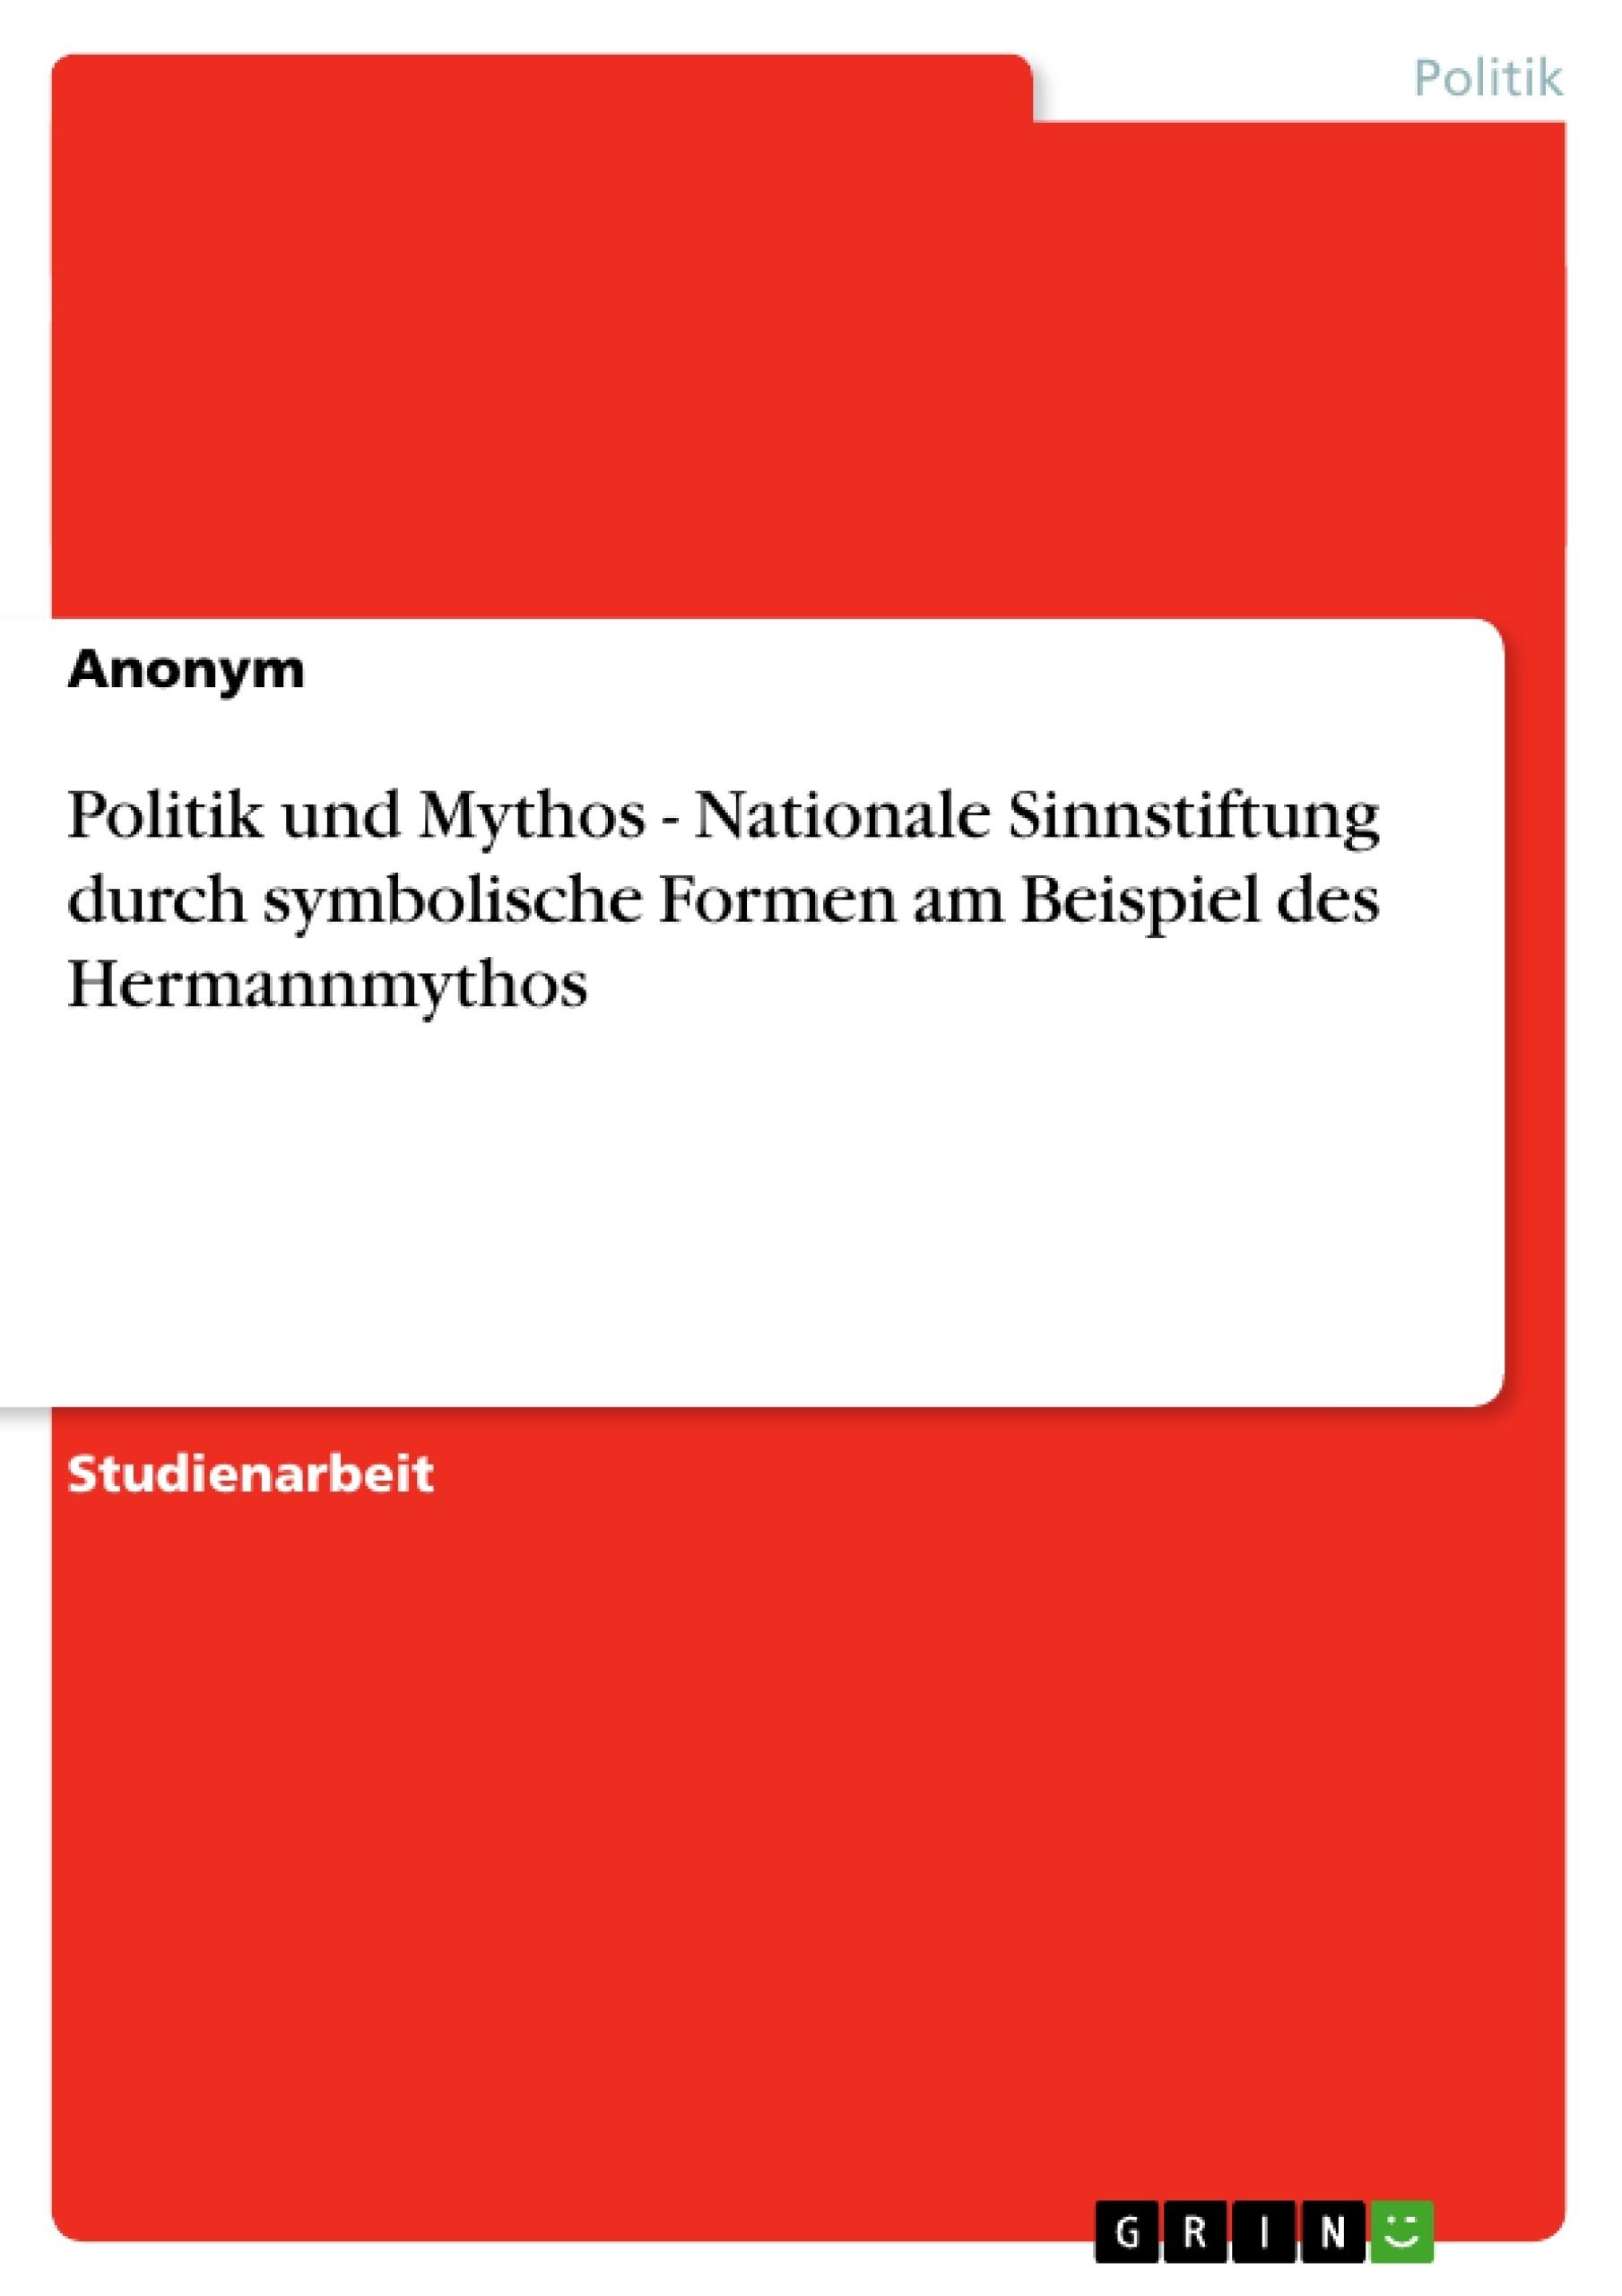 Titel: Politik und Mythos  - Nationale Sinnstiftung durch symbolische Formen am Beispiel des Hermannmythos